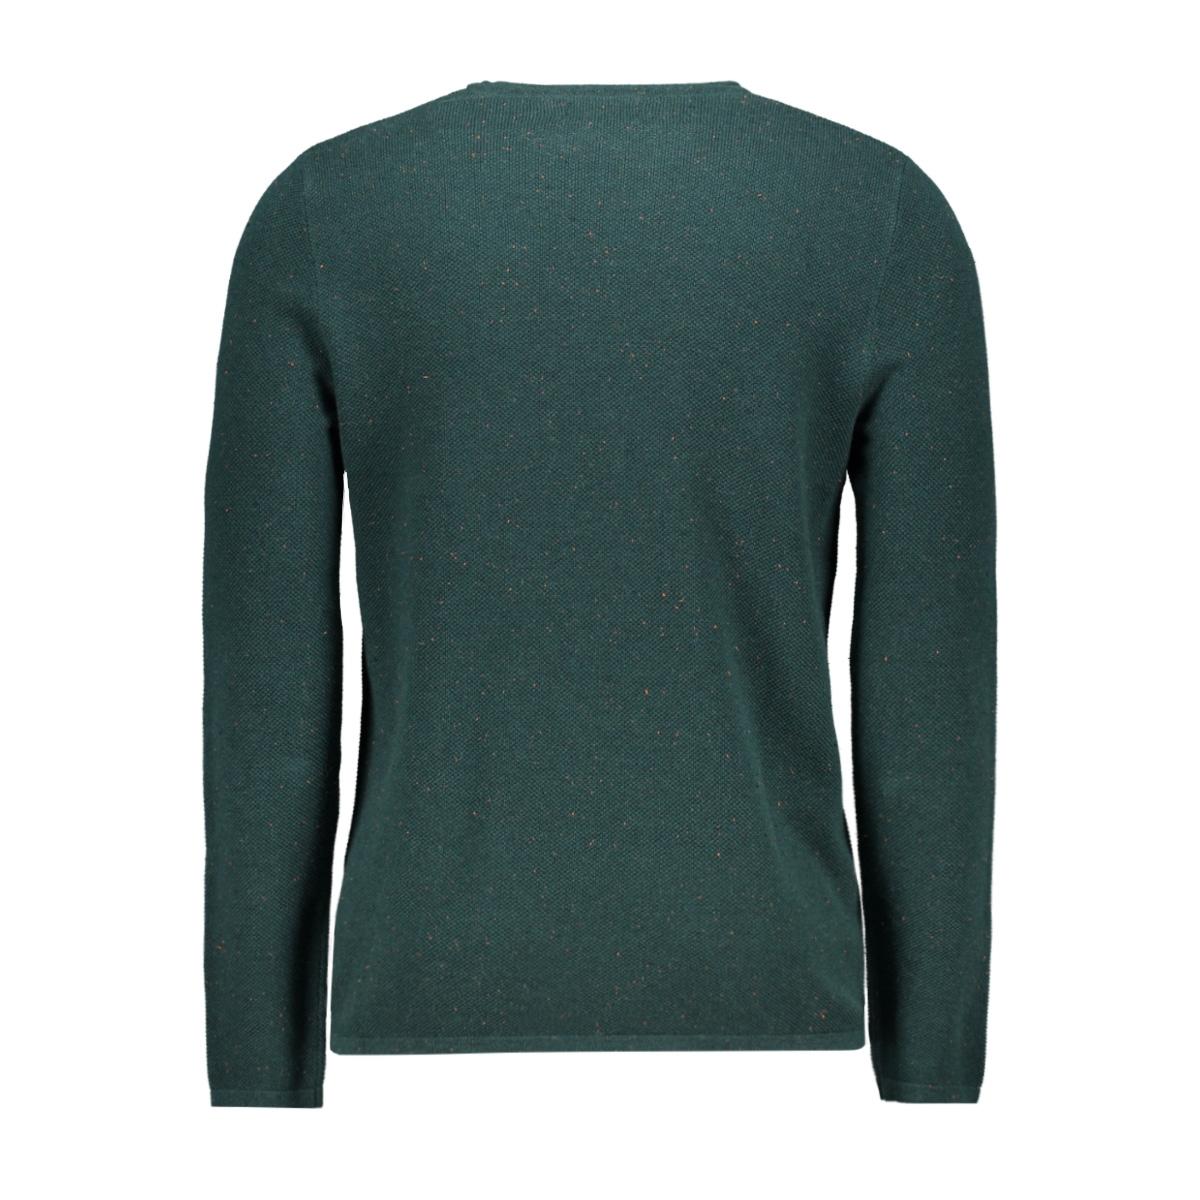 jornat knit crew neck 12161954 jack & jones trui sea moss/knit fit